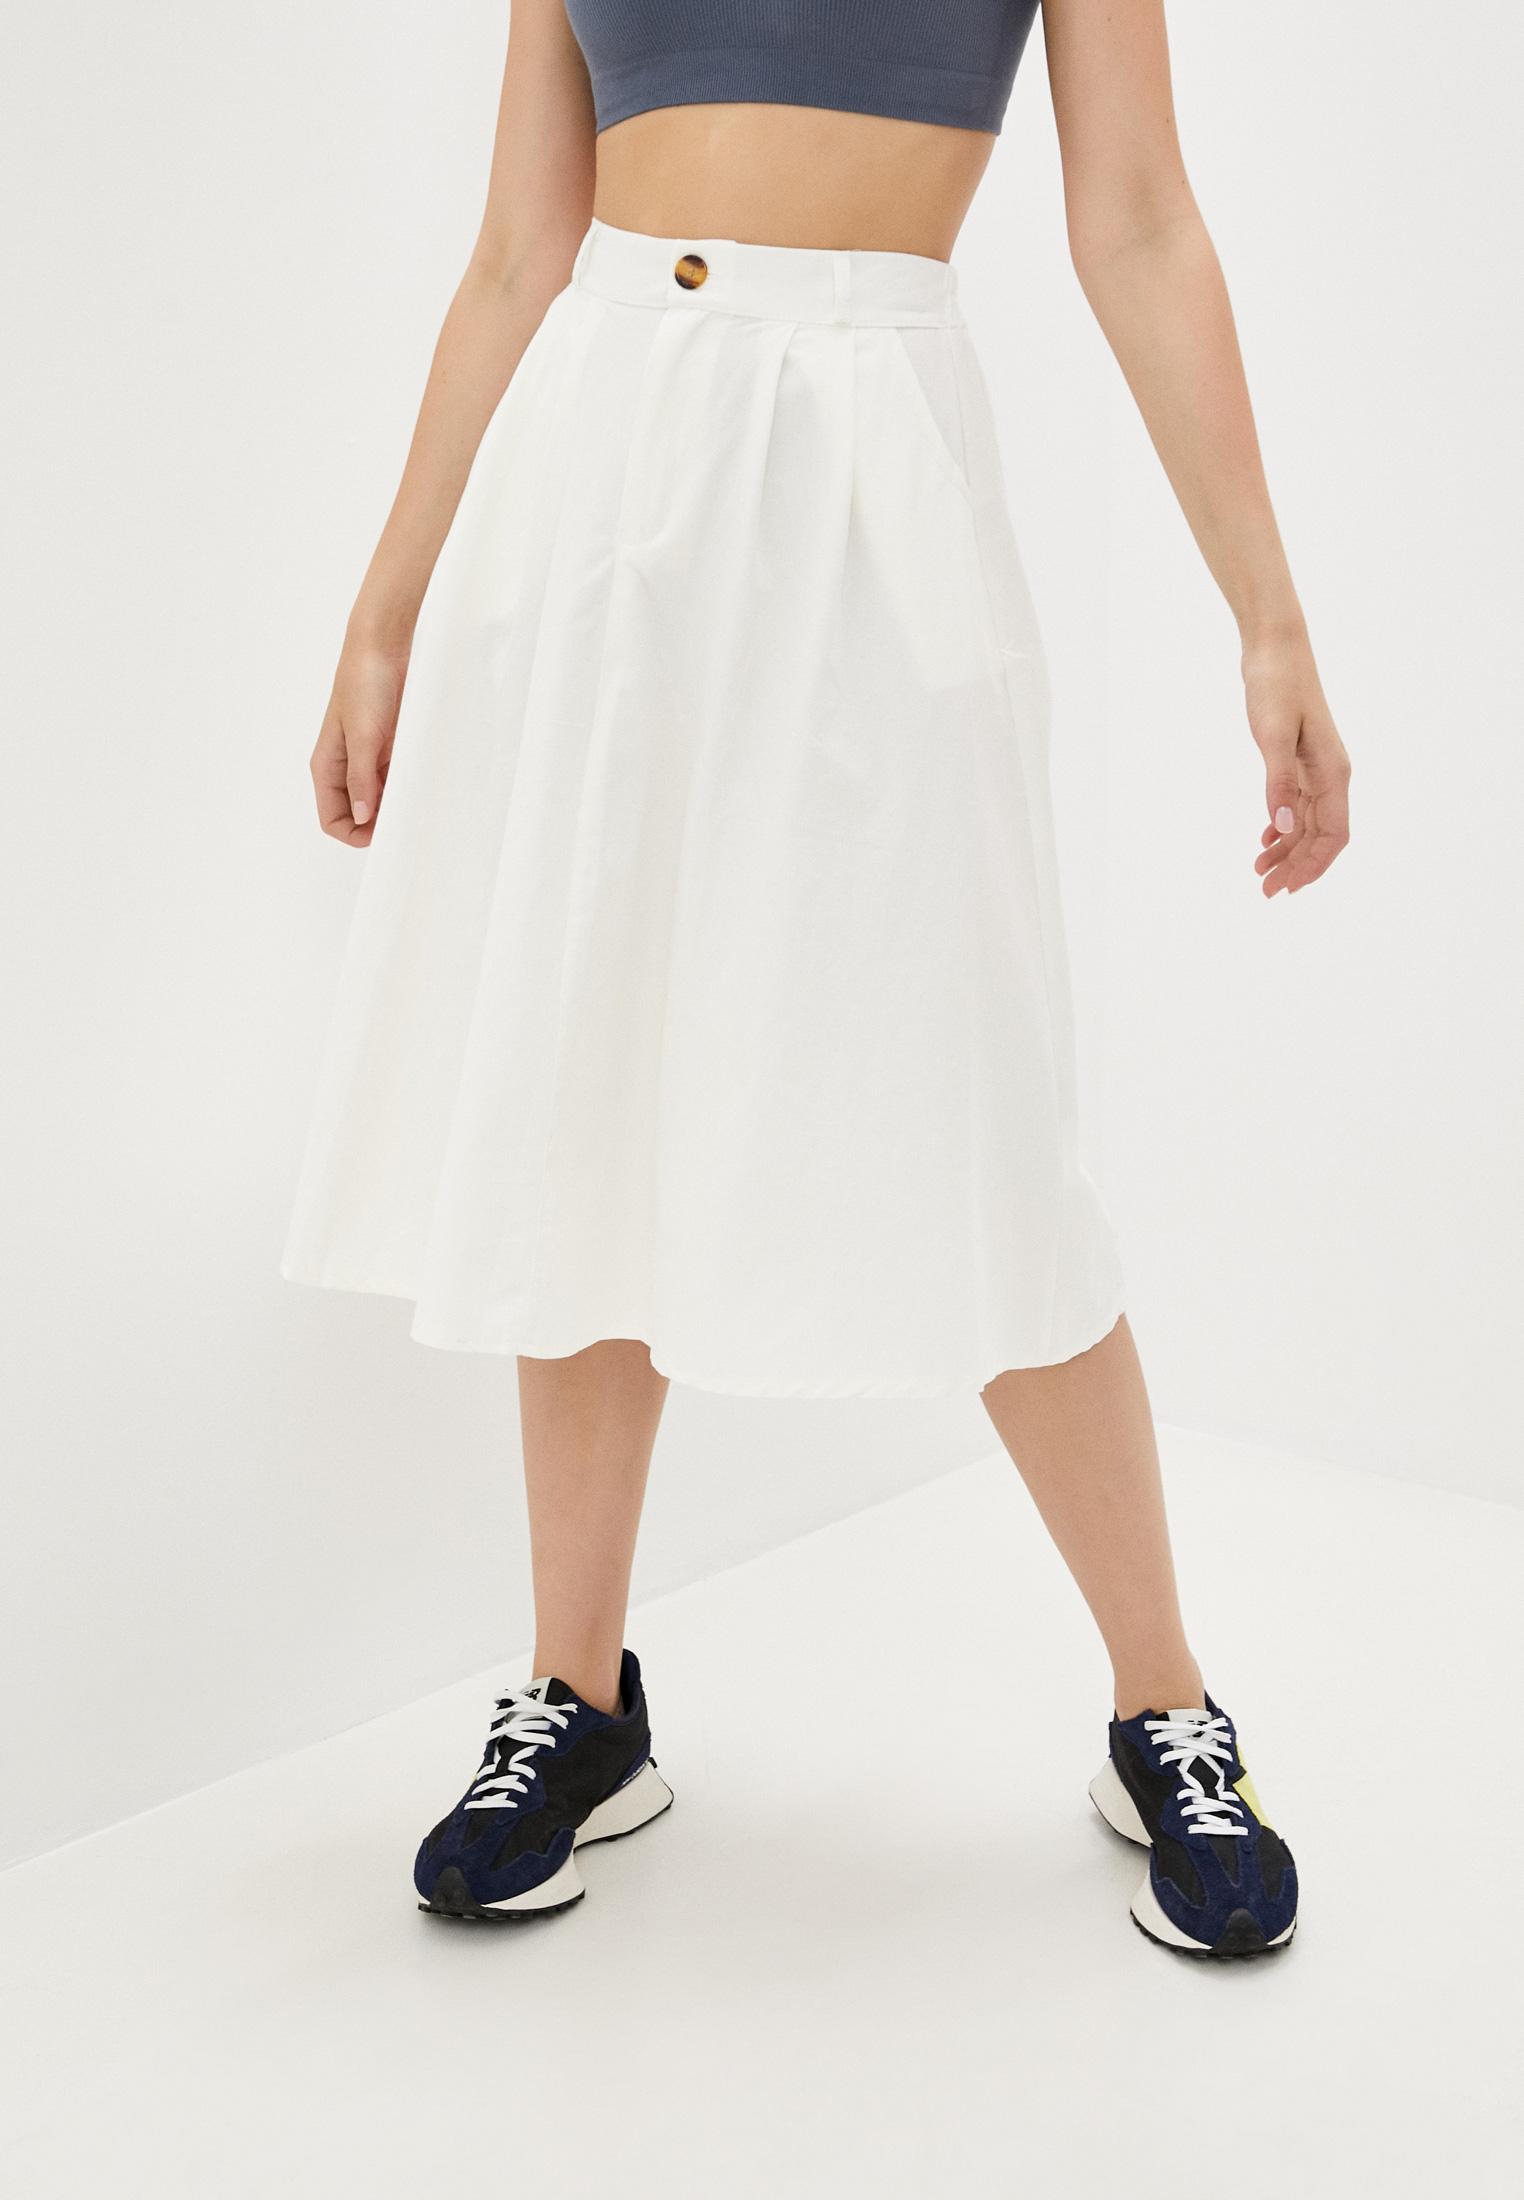 Широкая юбка Marselesa Юбка Marselesa